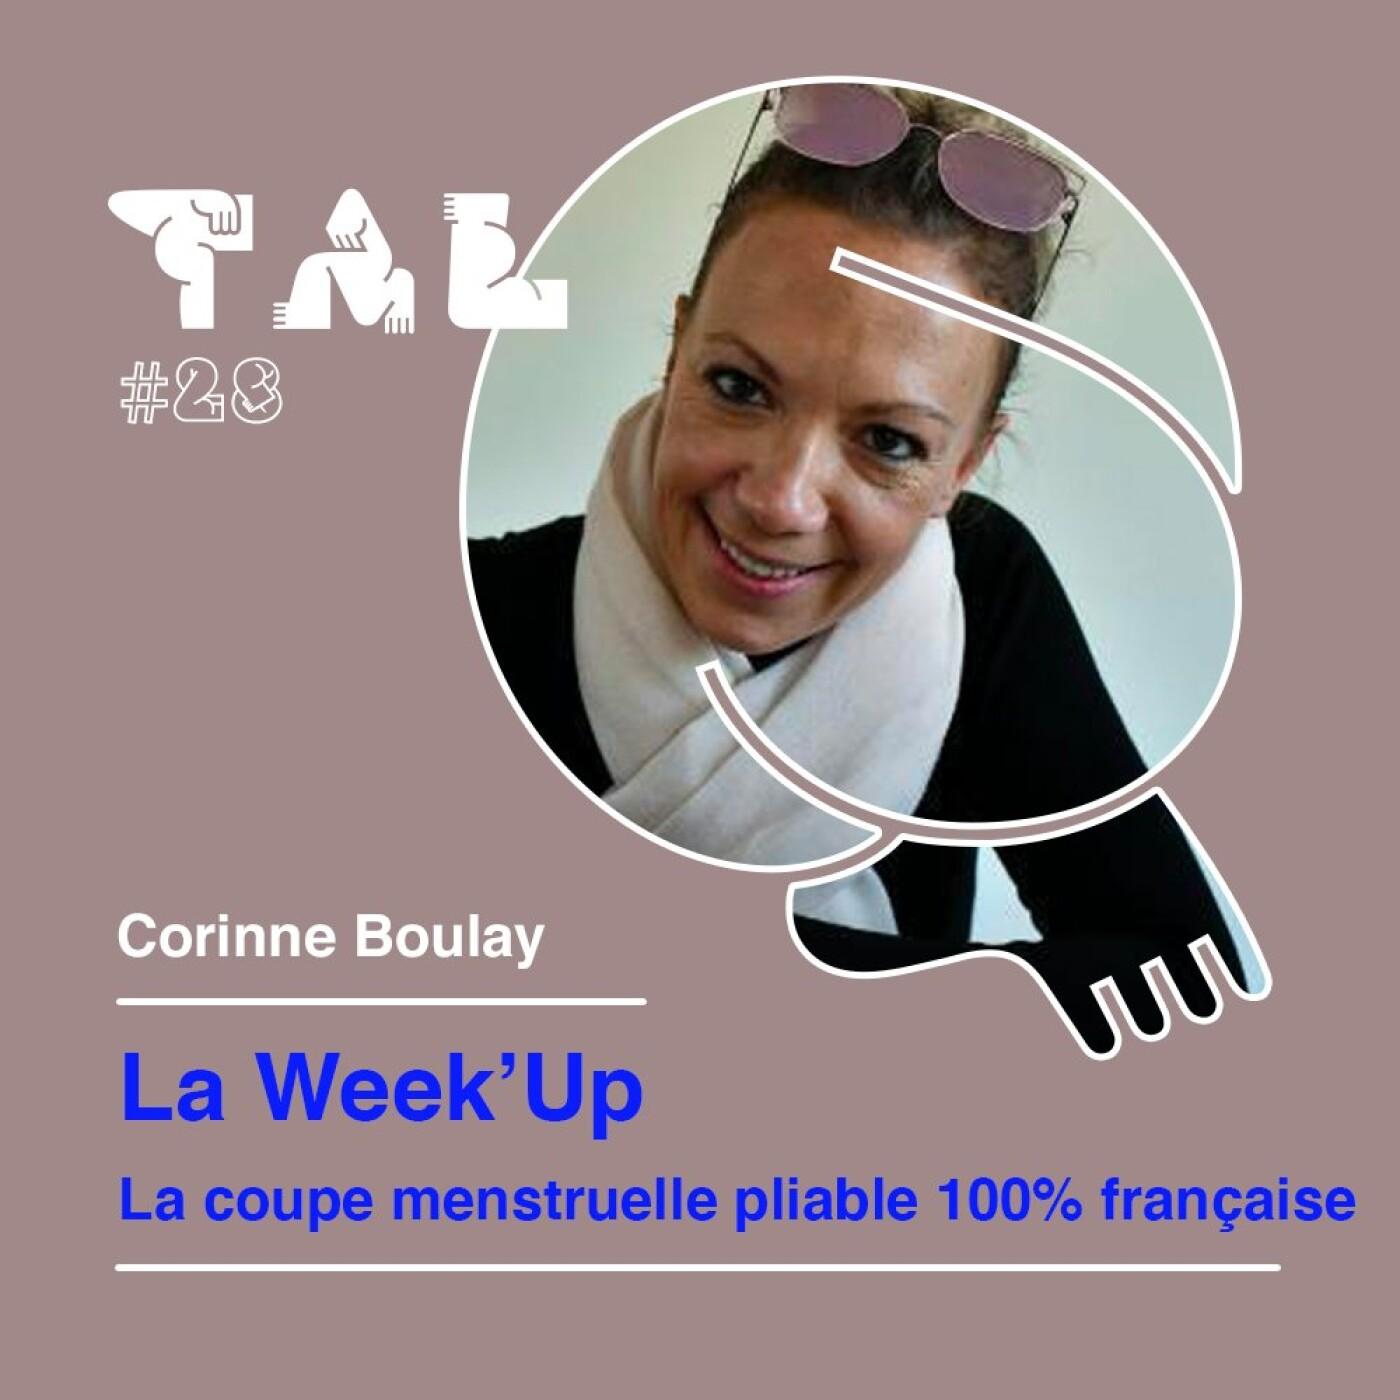 #28 - Corinne Boulay : La week Up : La première coupe menstruelle pliable 100% française 🩸  🇫🇷